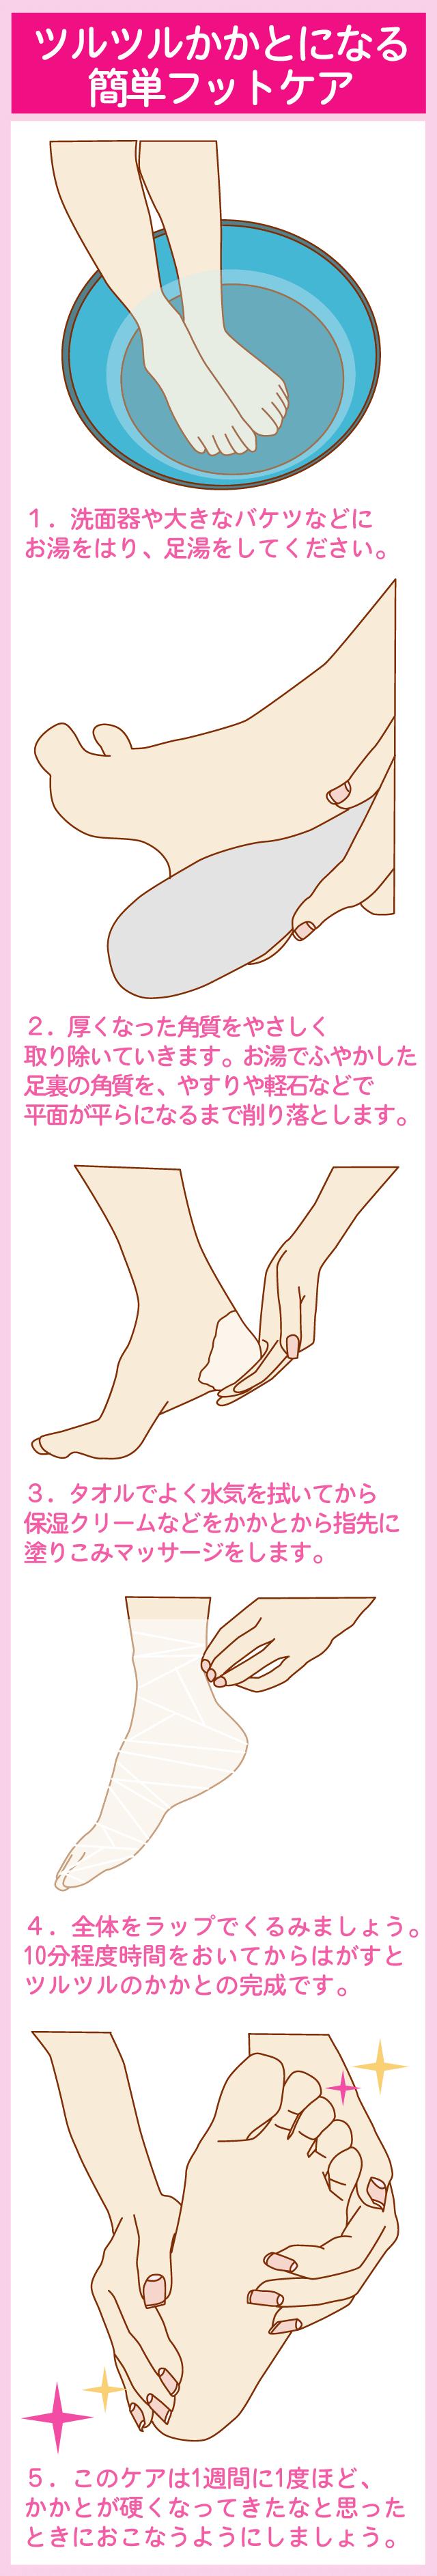 踵の角質を除去するセルフケア